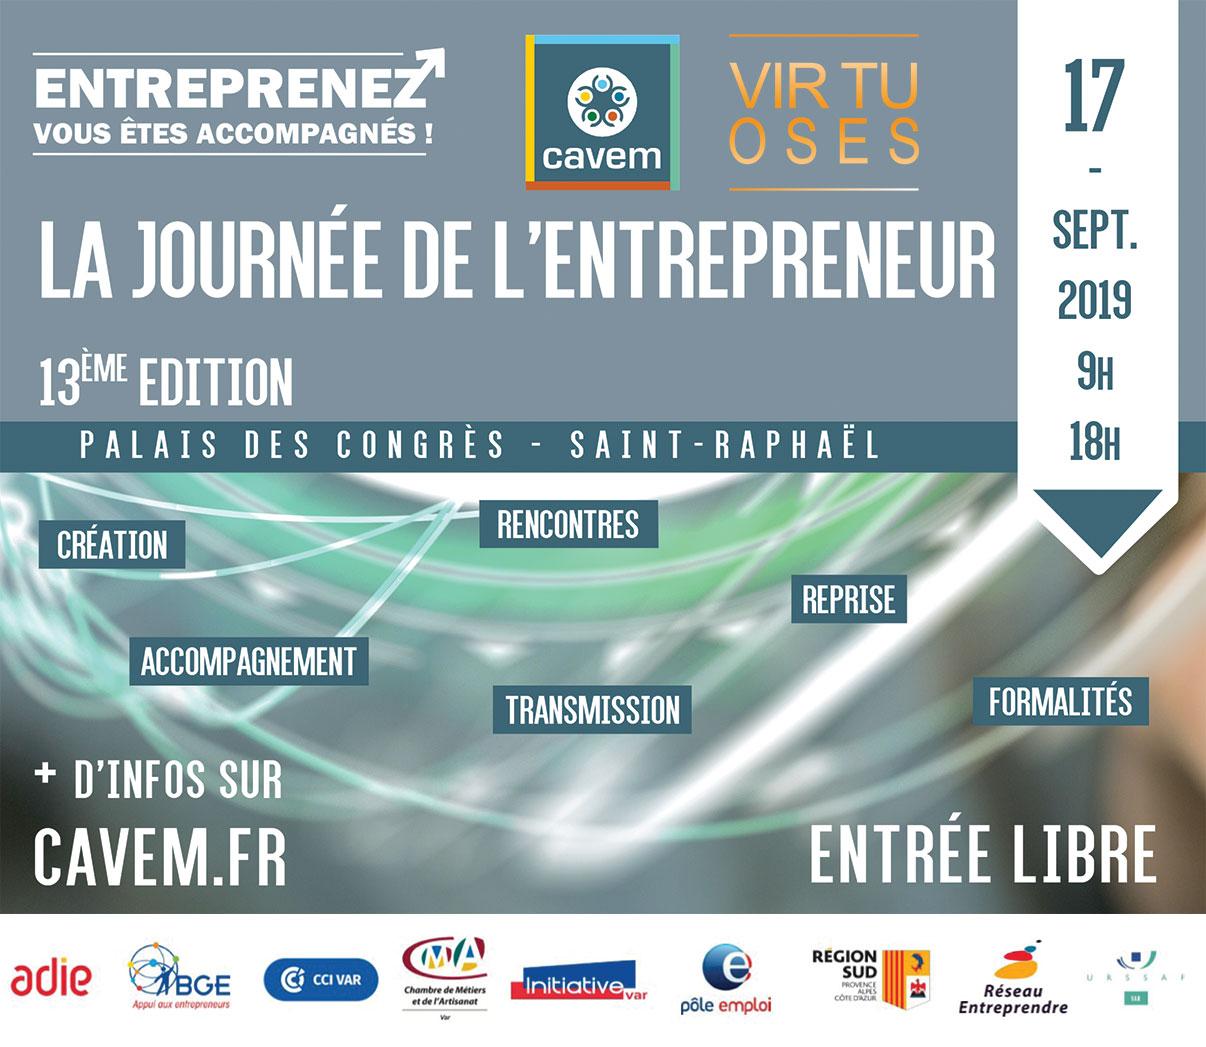 La société Virtuoses Médias sera présente à la Journée de l'Entrepreneur à Saint-Raphaël.